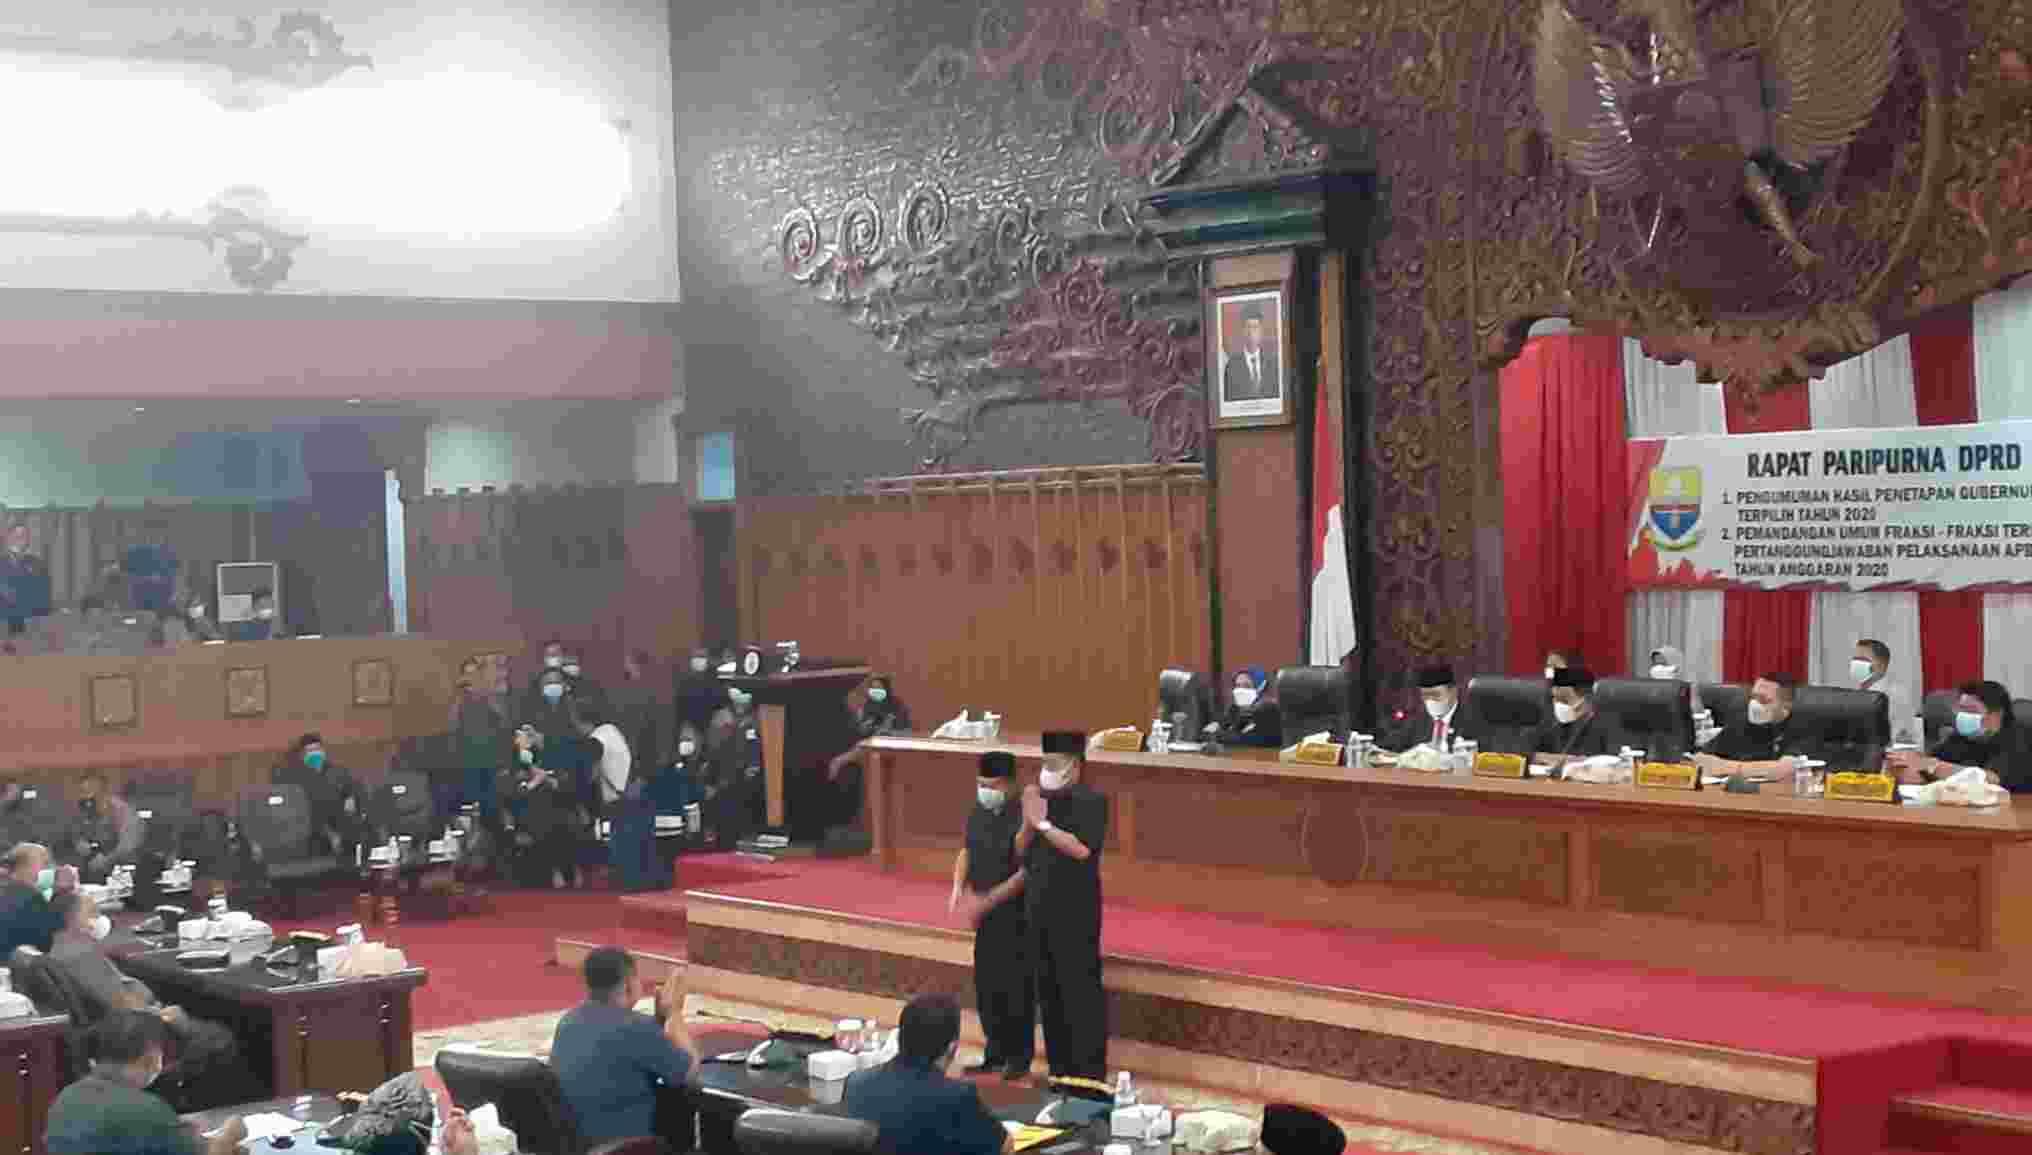 DPRD Provinsi Jambi saat gelar penetapan Al Haris-Abdullah Sani sebagai gubenur dan wagub Jambi 2020